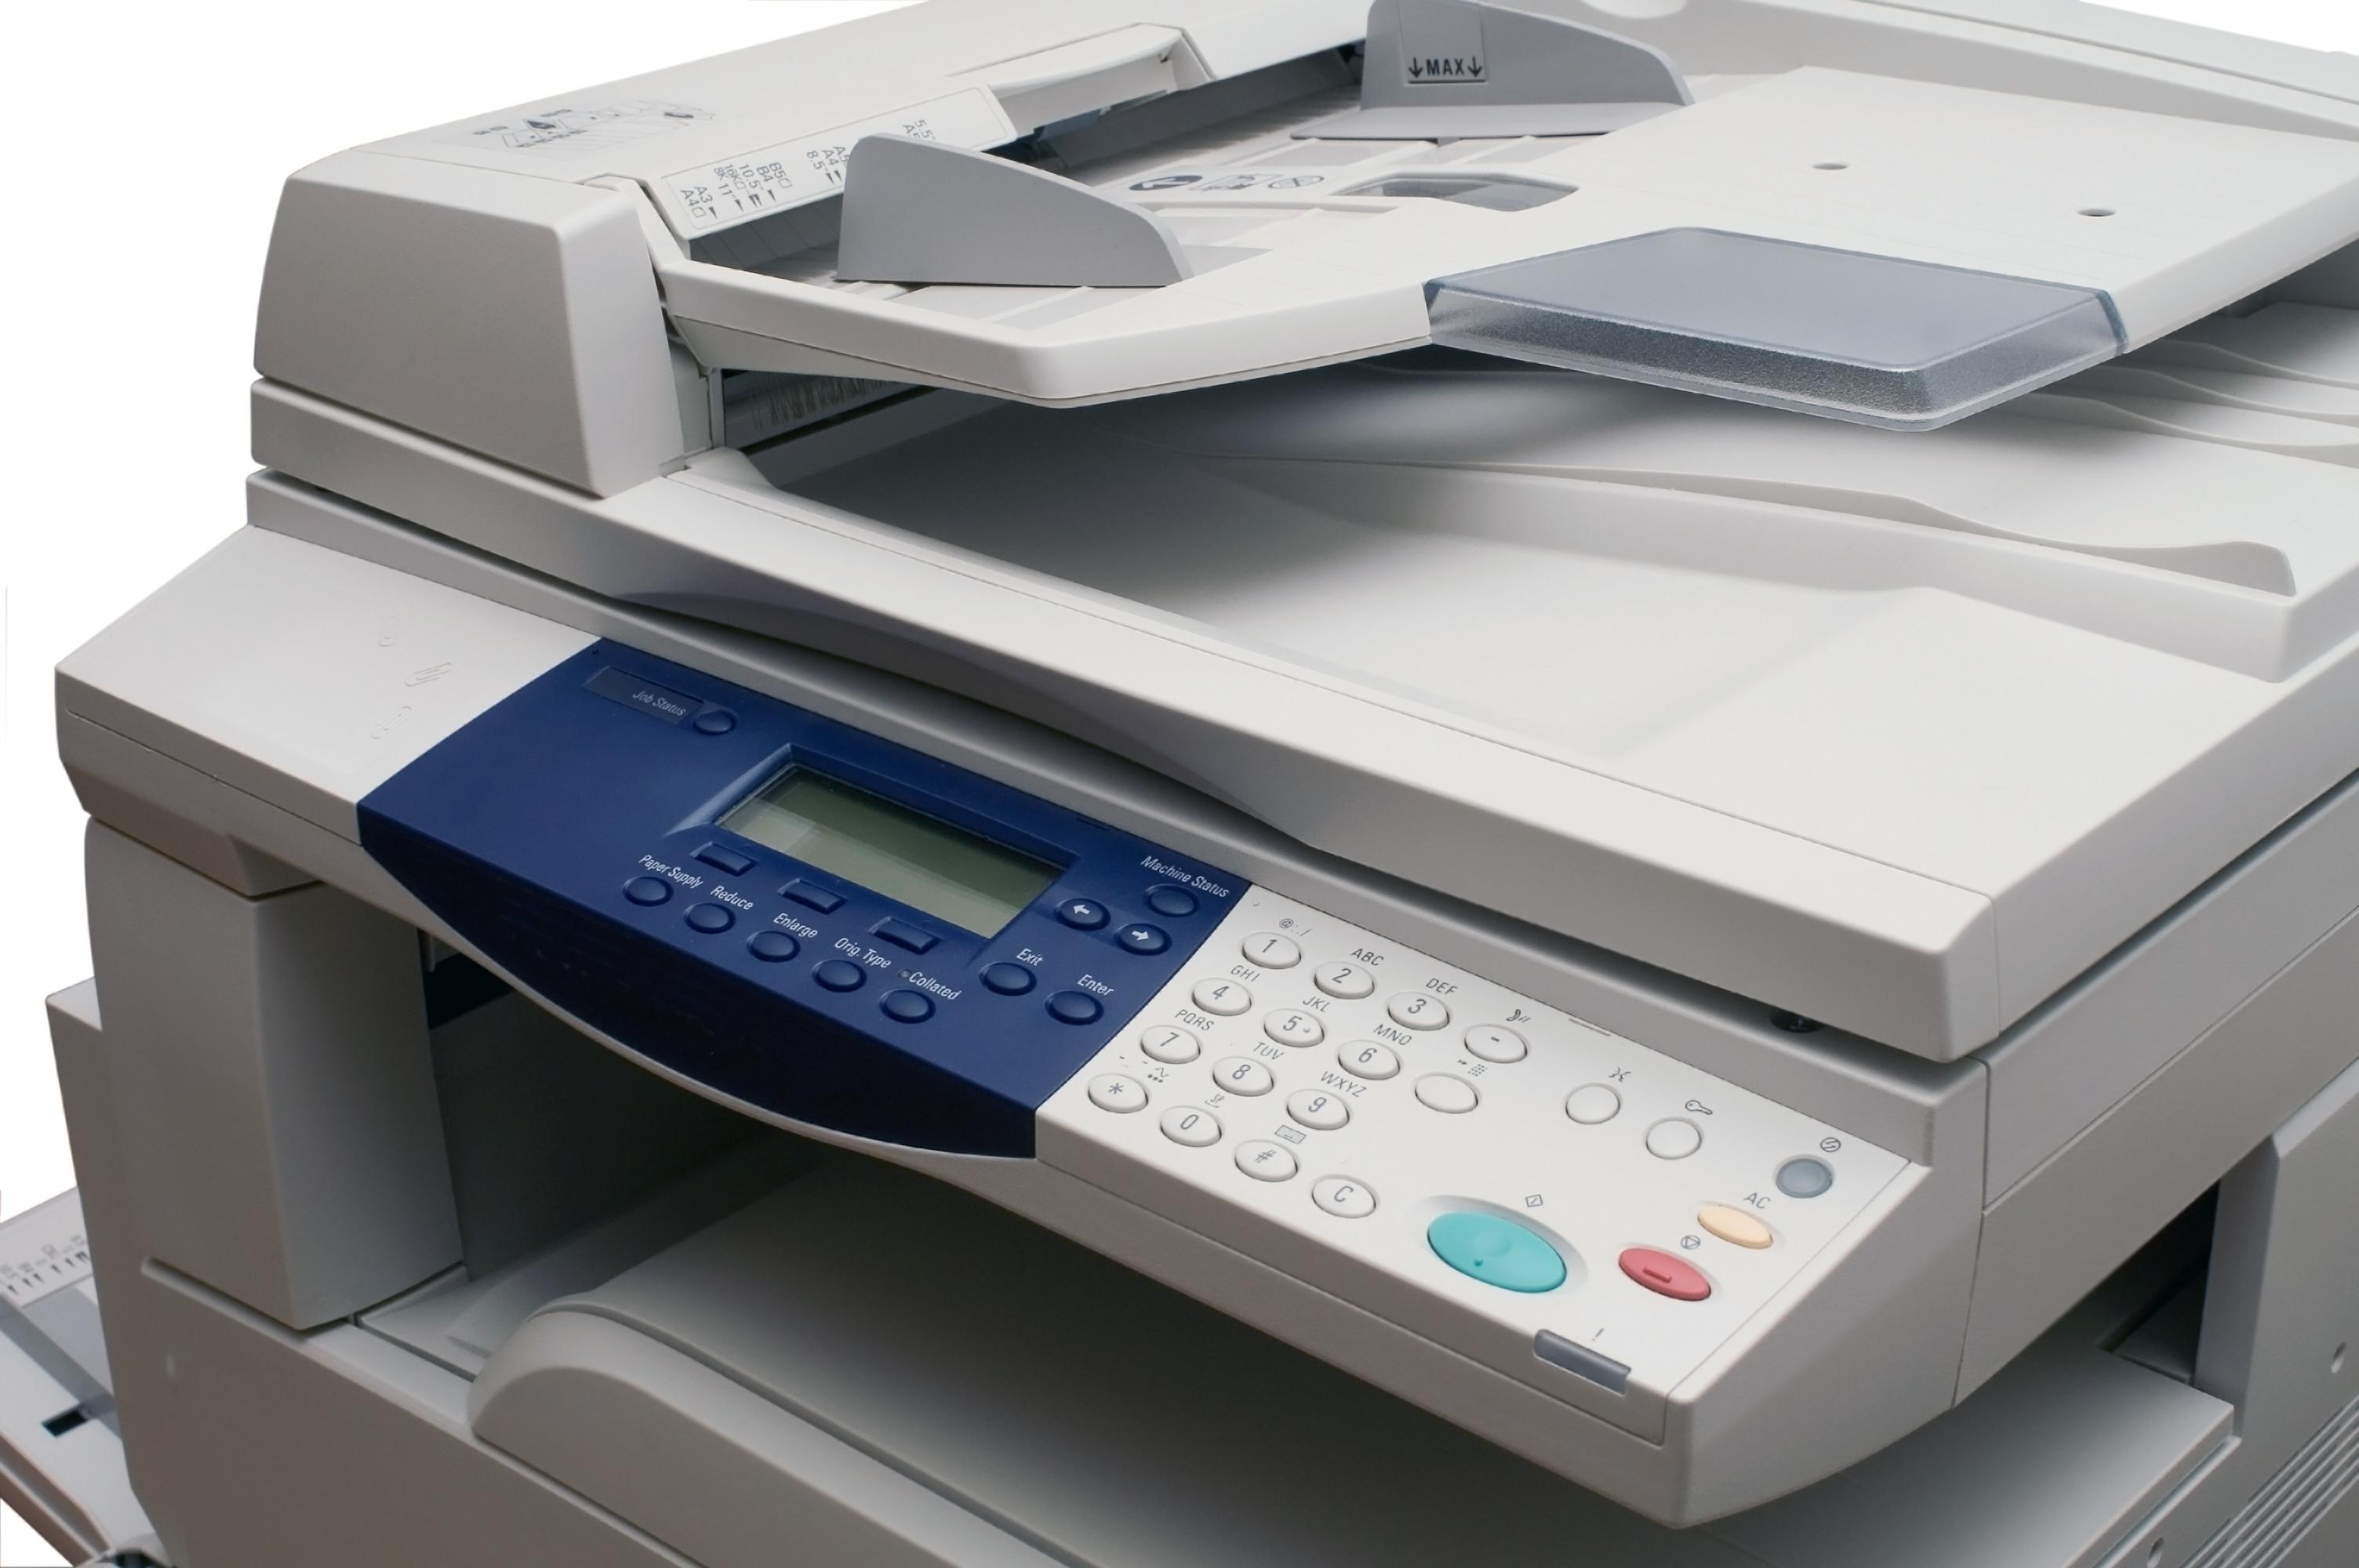 Multifunction copiers